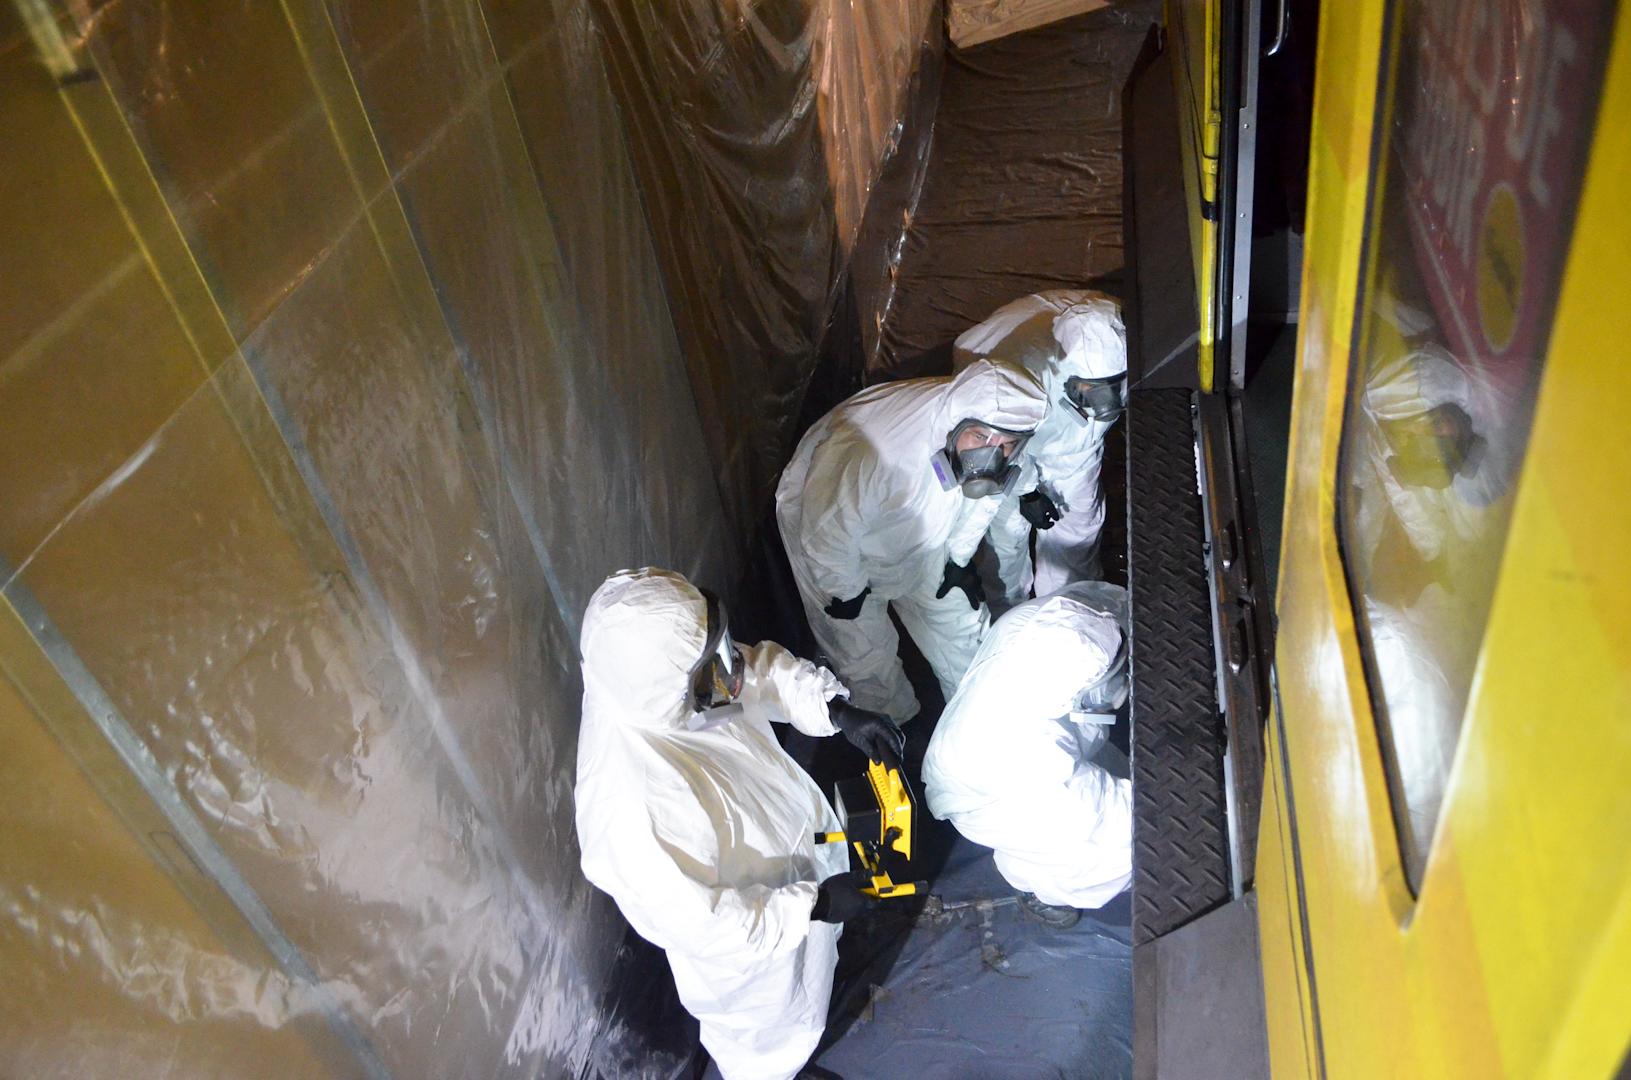 Planifican retirar el asbesto de los trenes Fiat Materfer y subestaciones |  enelSubte.com